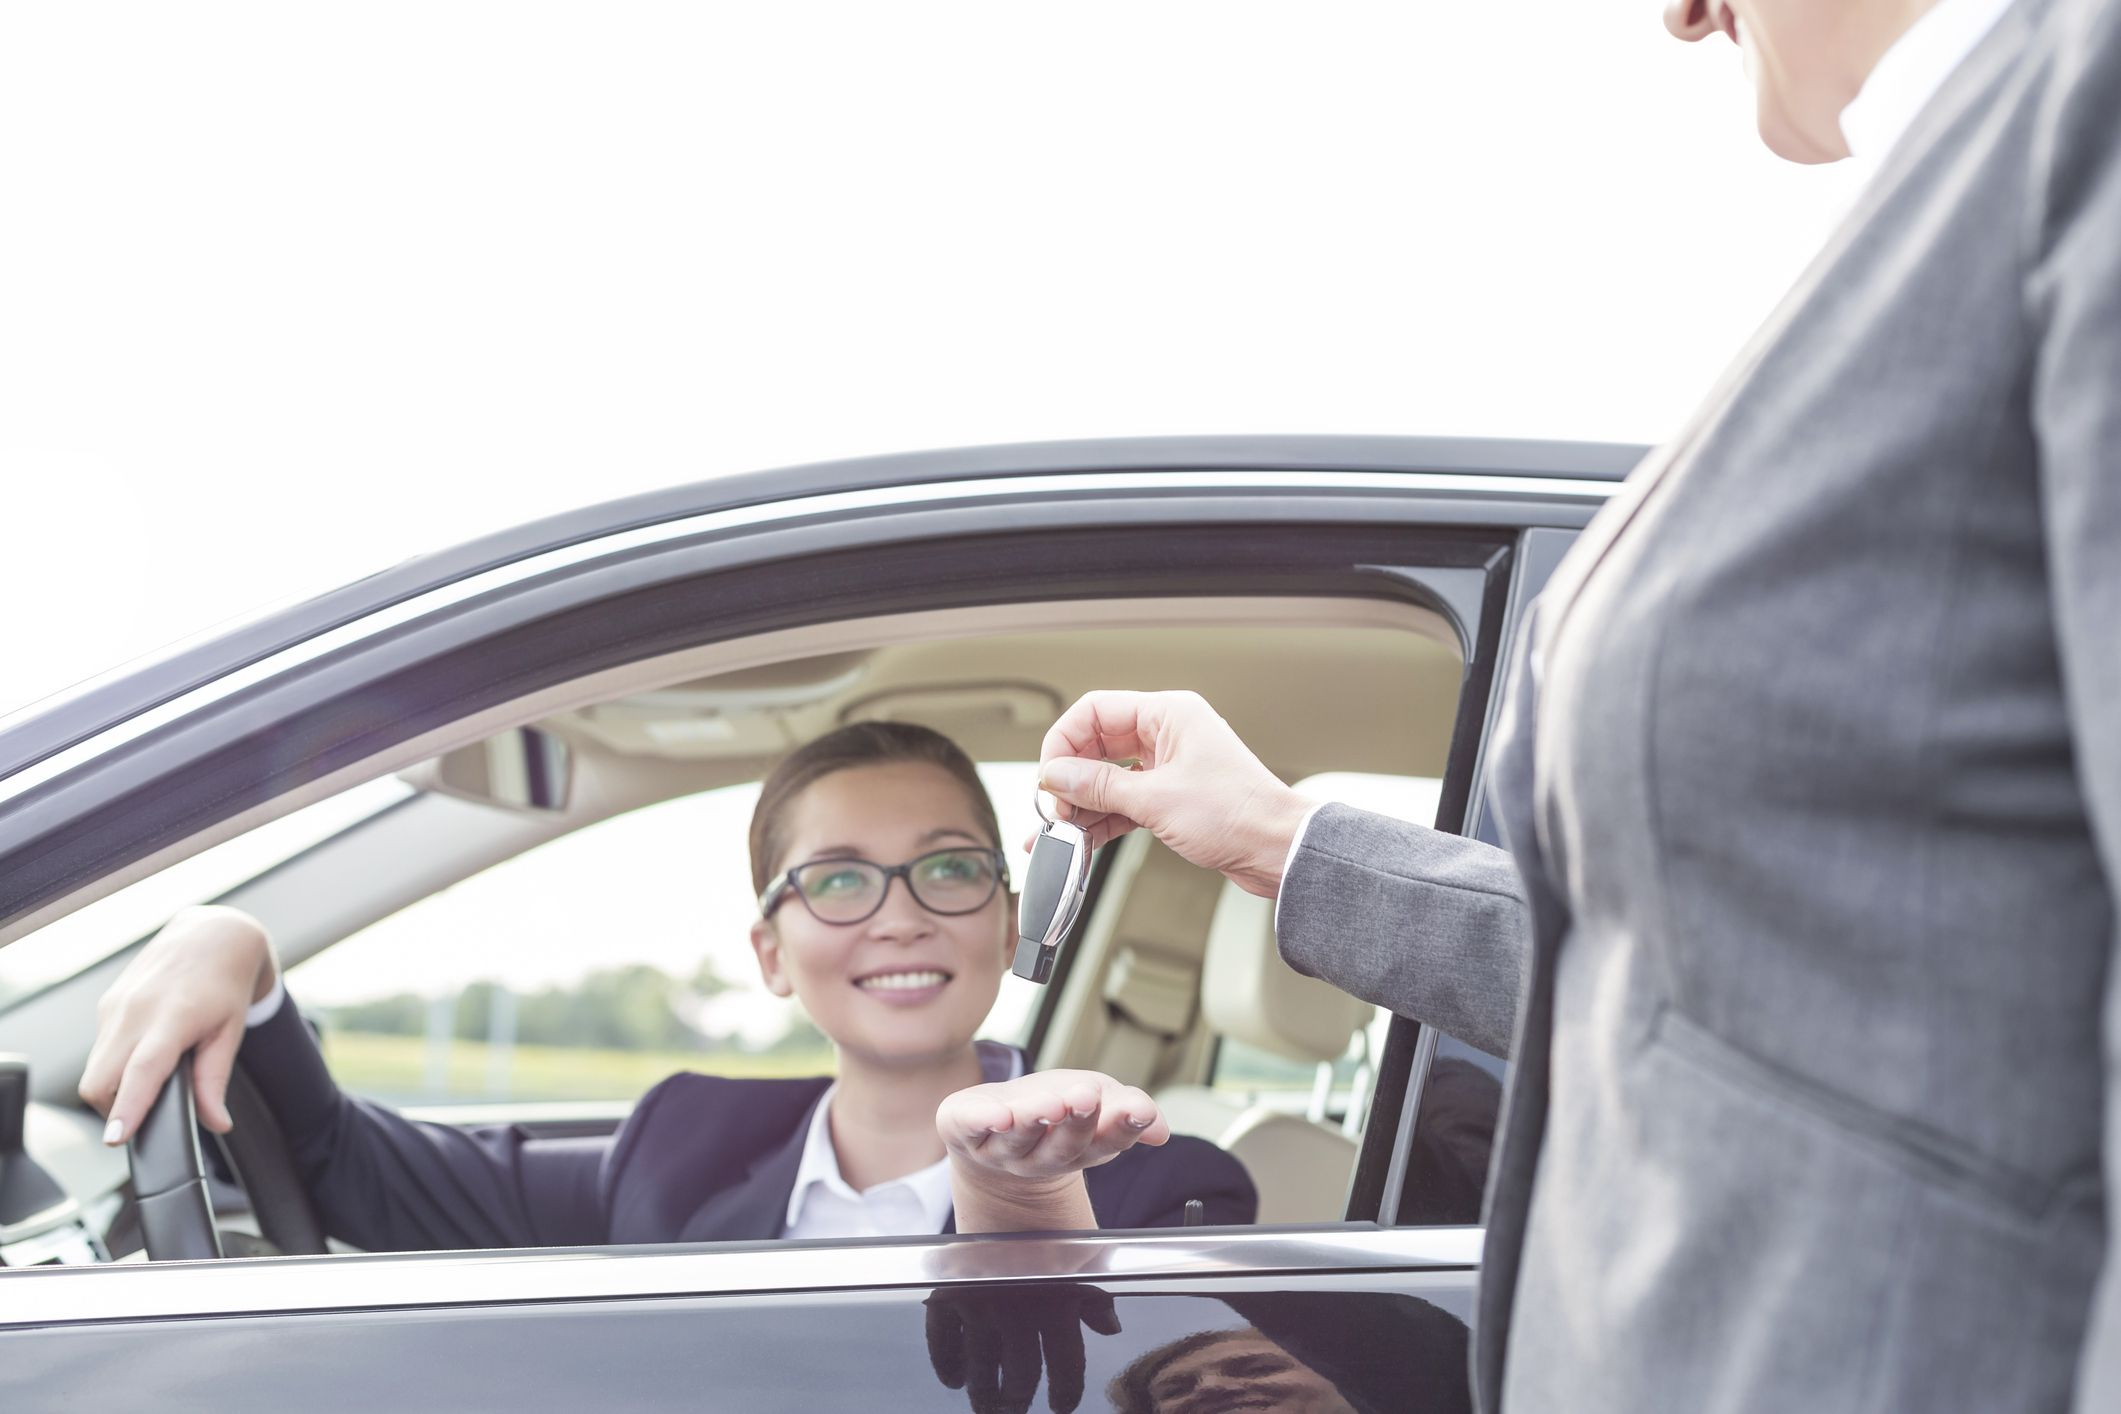 Aké sú povinnosti pri využívaní firemného auta na súkromné účely